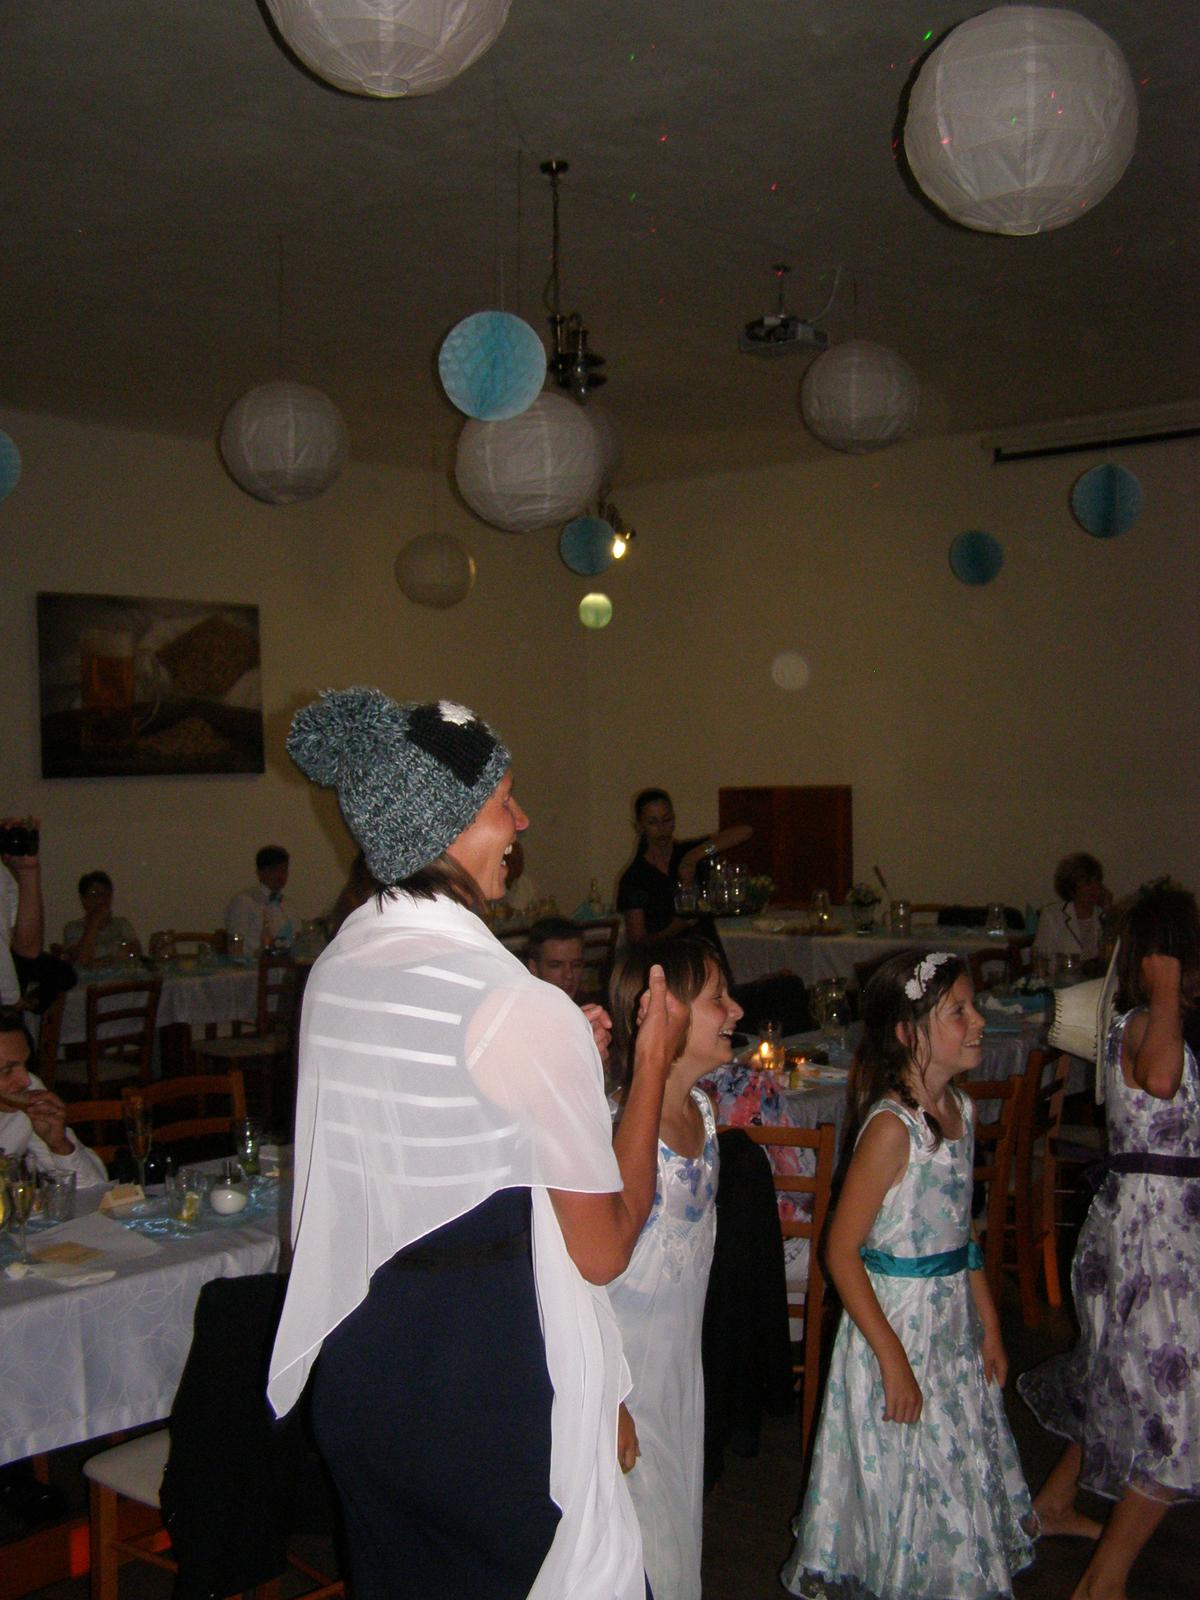 Pivovar Podlesí - svatba 2.9.2016 - ....soutěžíme, soutěžíme,soutěžíme.....